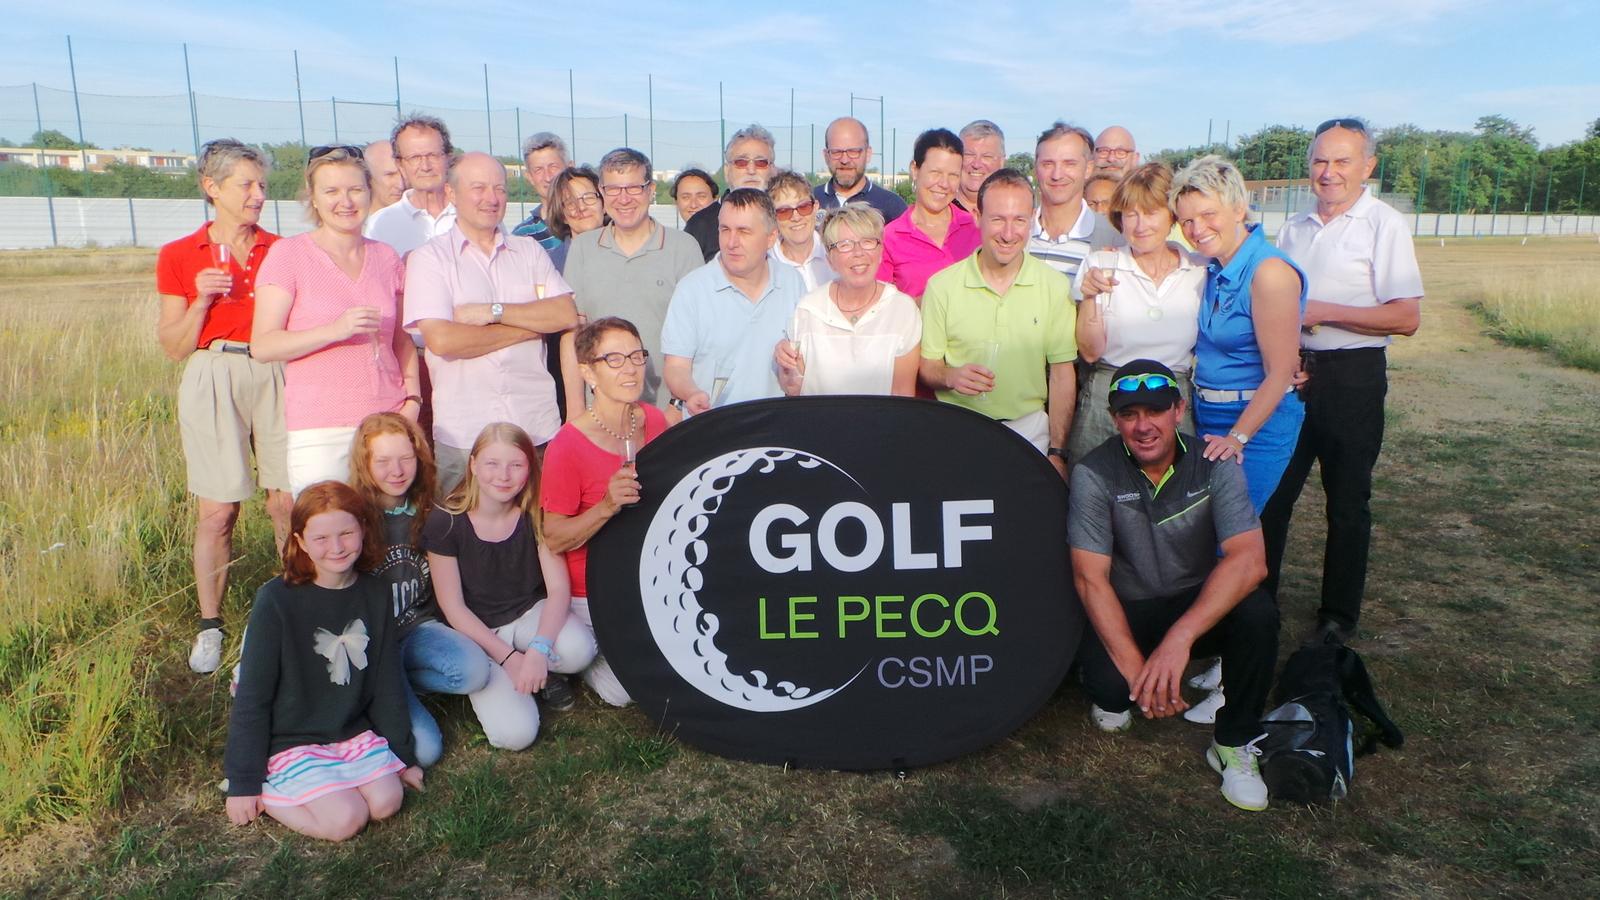 Ecole de Golf 27.06.2015